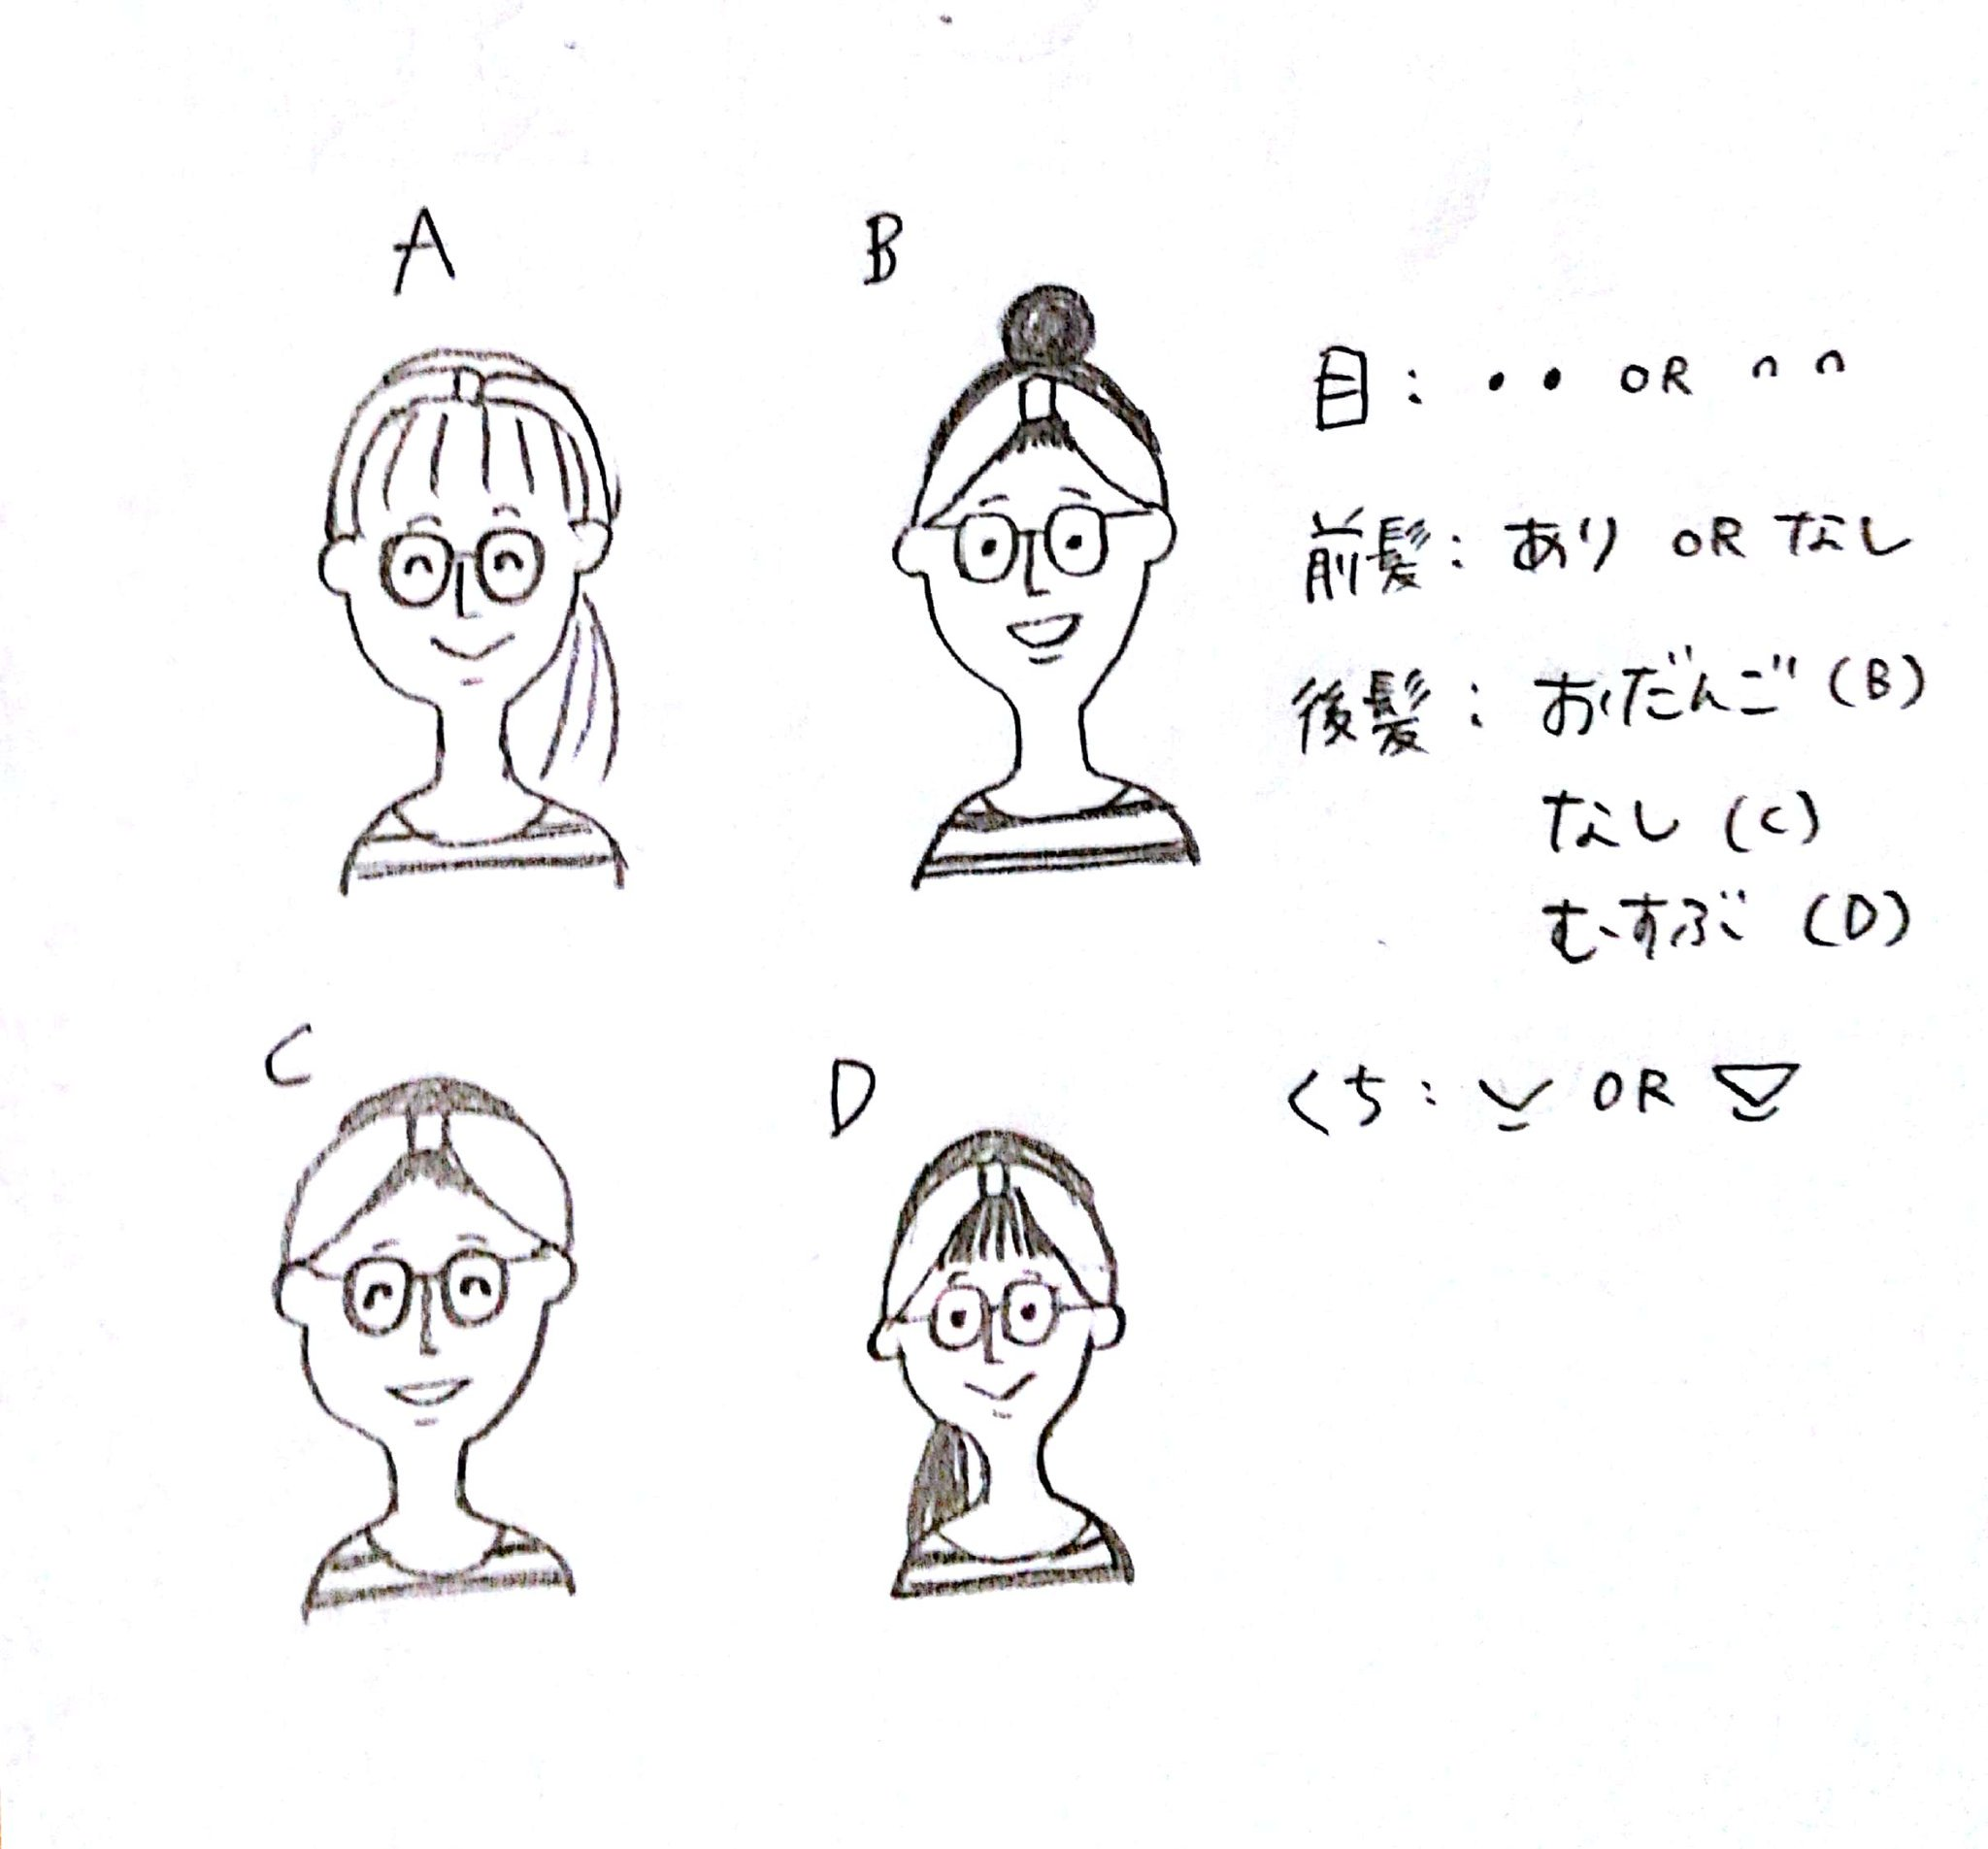 7drZkpfP.jpg